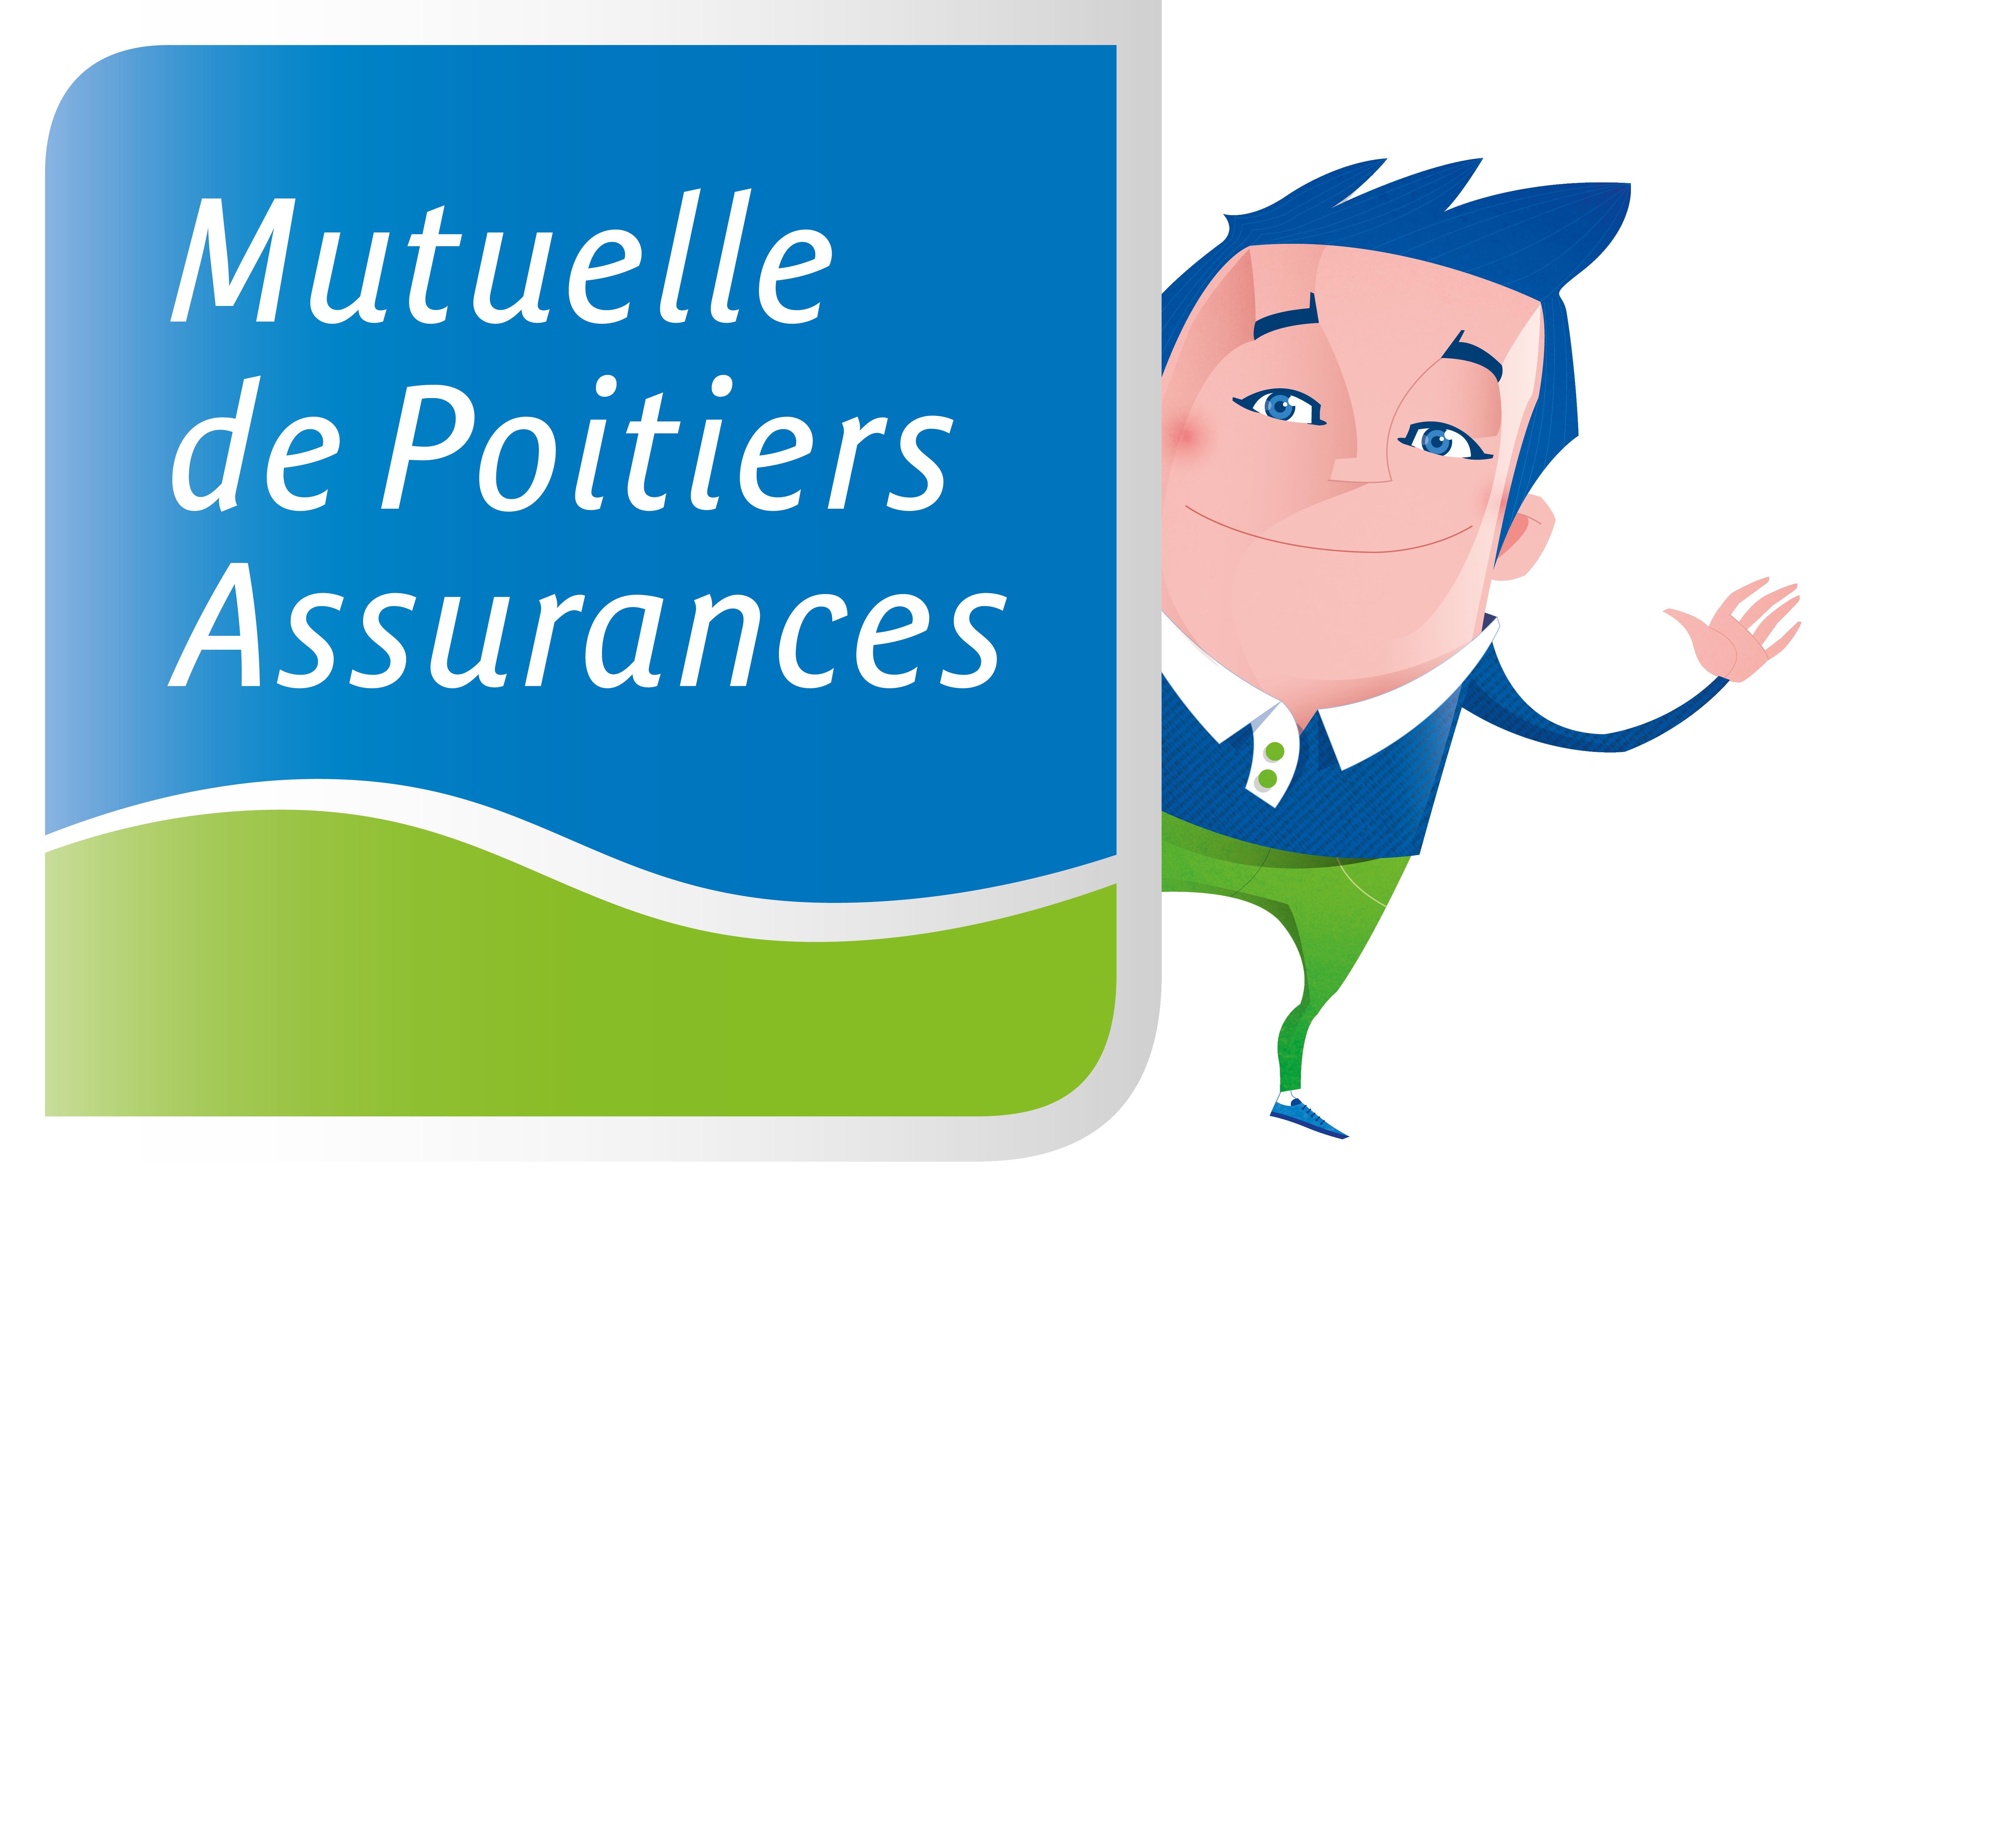 MUTUELLE DE POITIERS )